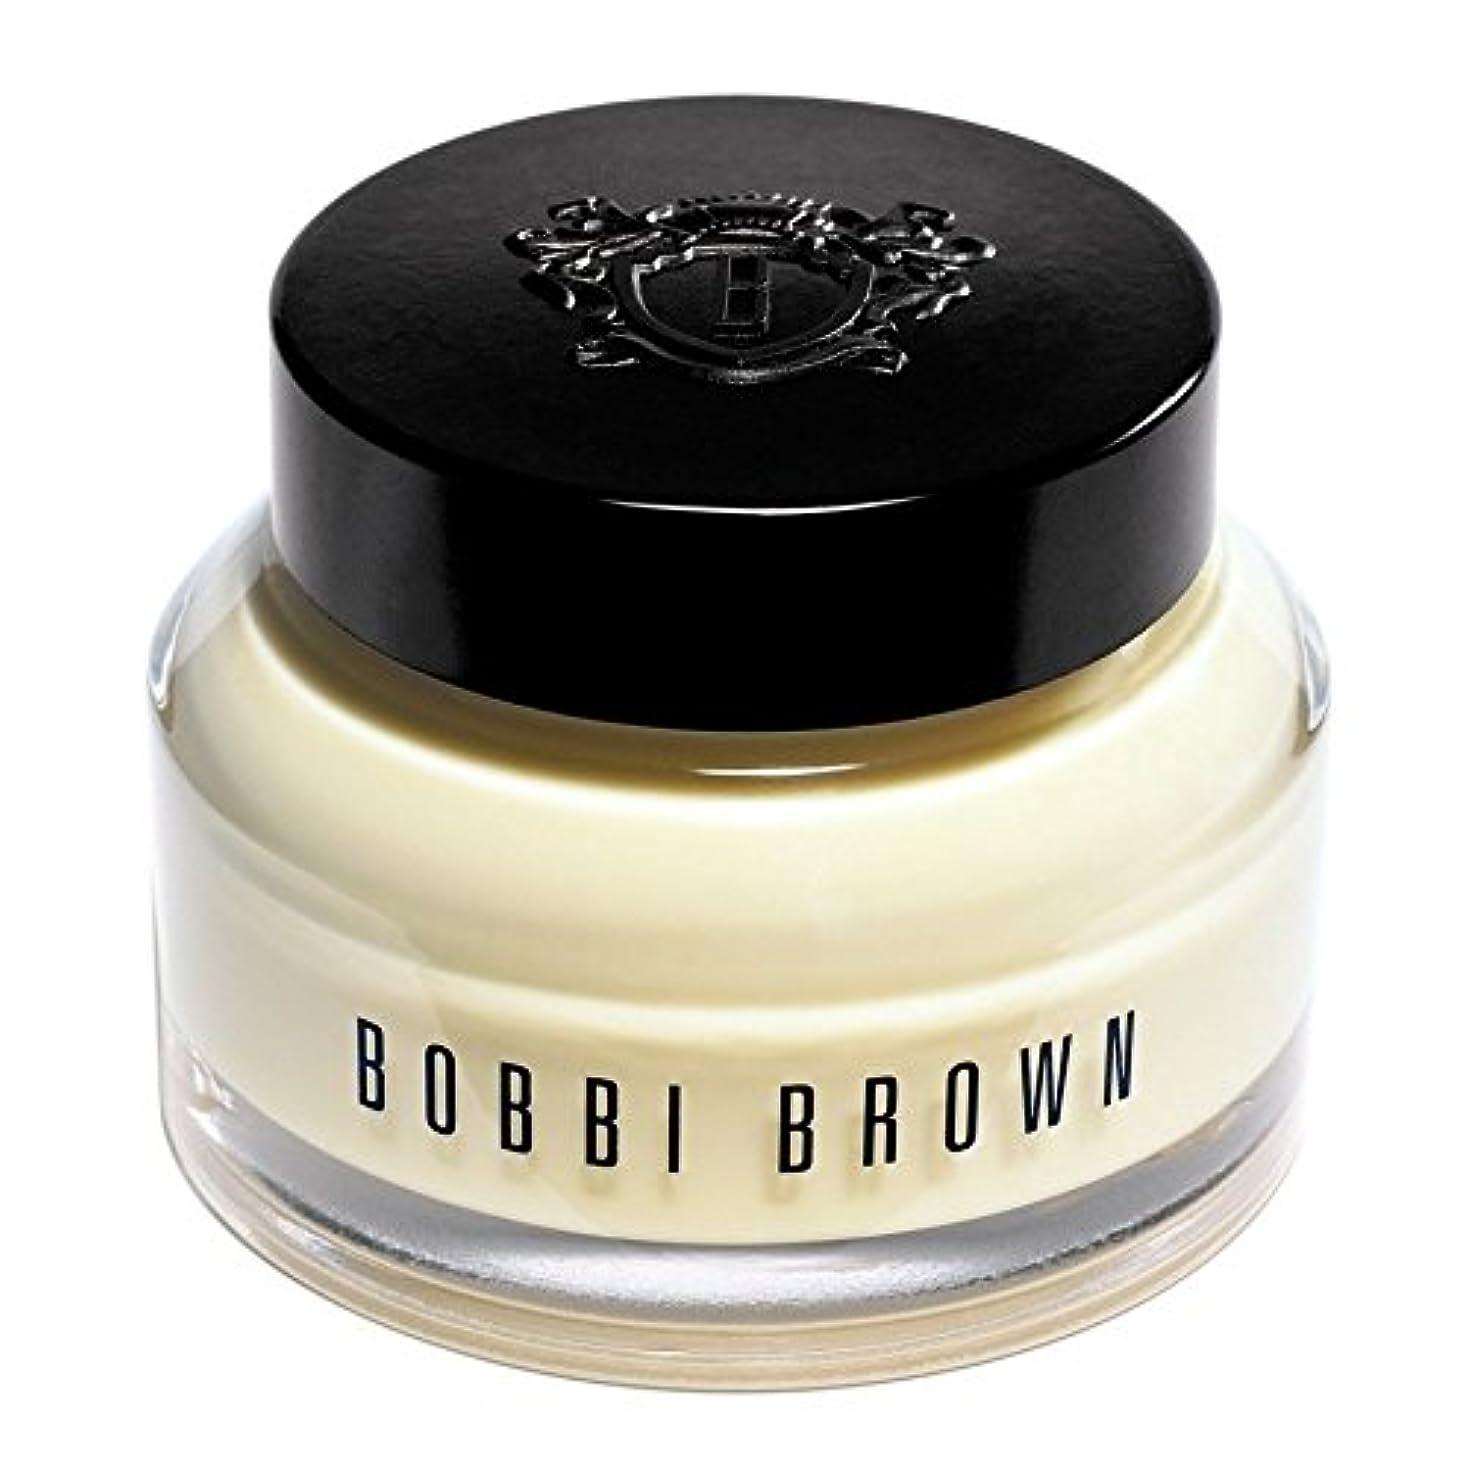 フィット逃れる愛人[Bobbi Brown] ボビーブラウンビタミンに富んだ顔ベース - Bobbi Brown Vitamin Enriched Face Base [並行輸入品]